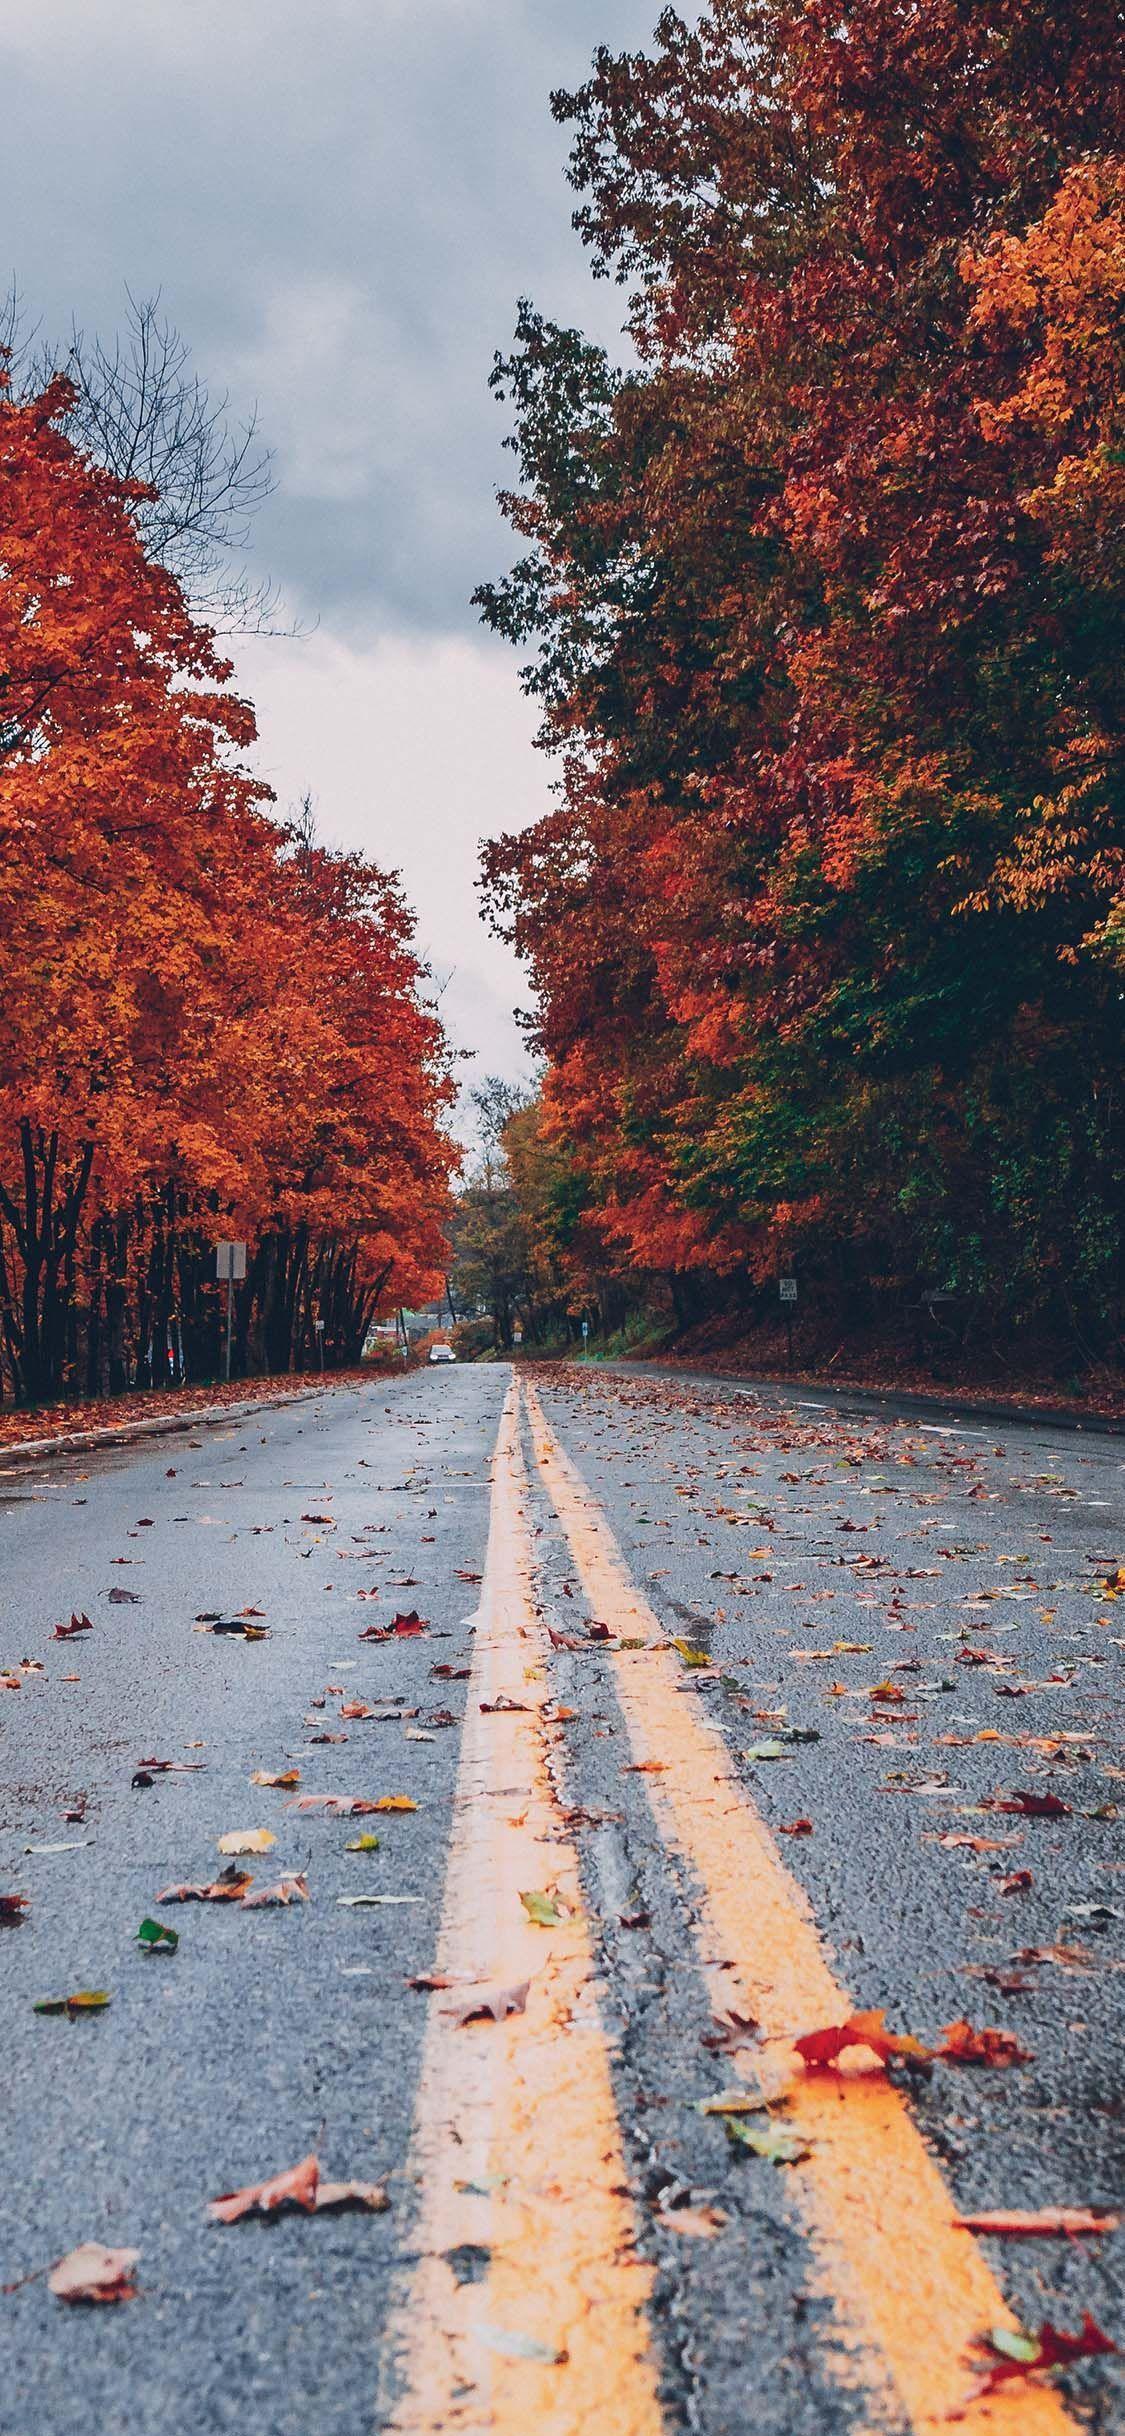 HerbstHintergründe für iPhone KOSTENLOSER Download